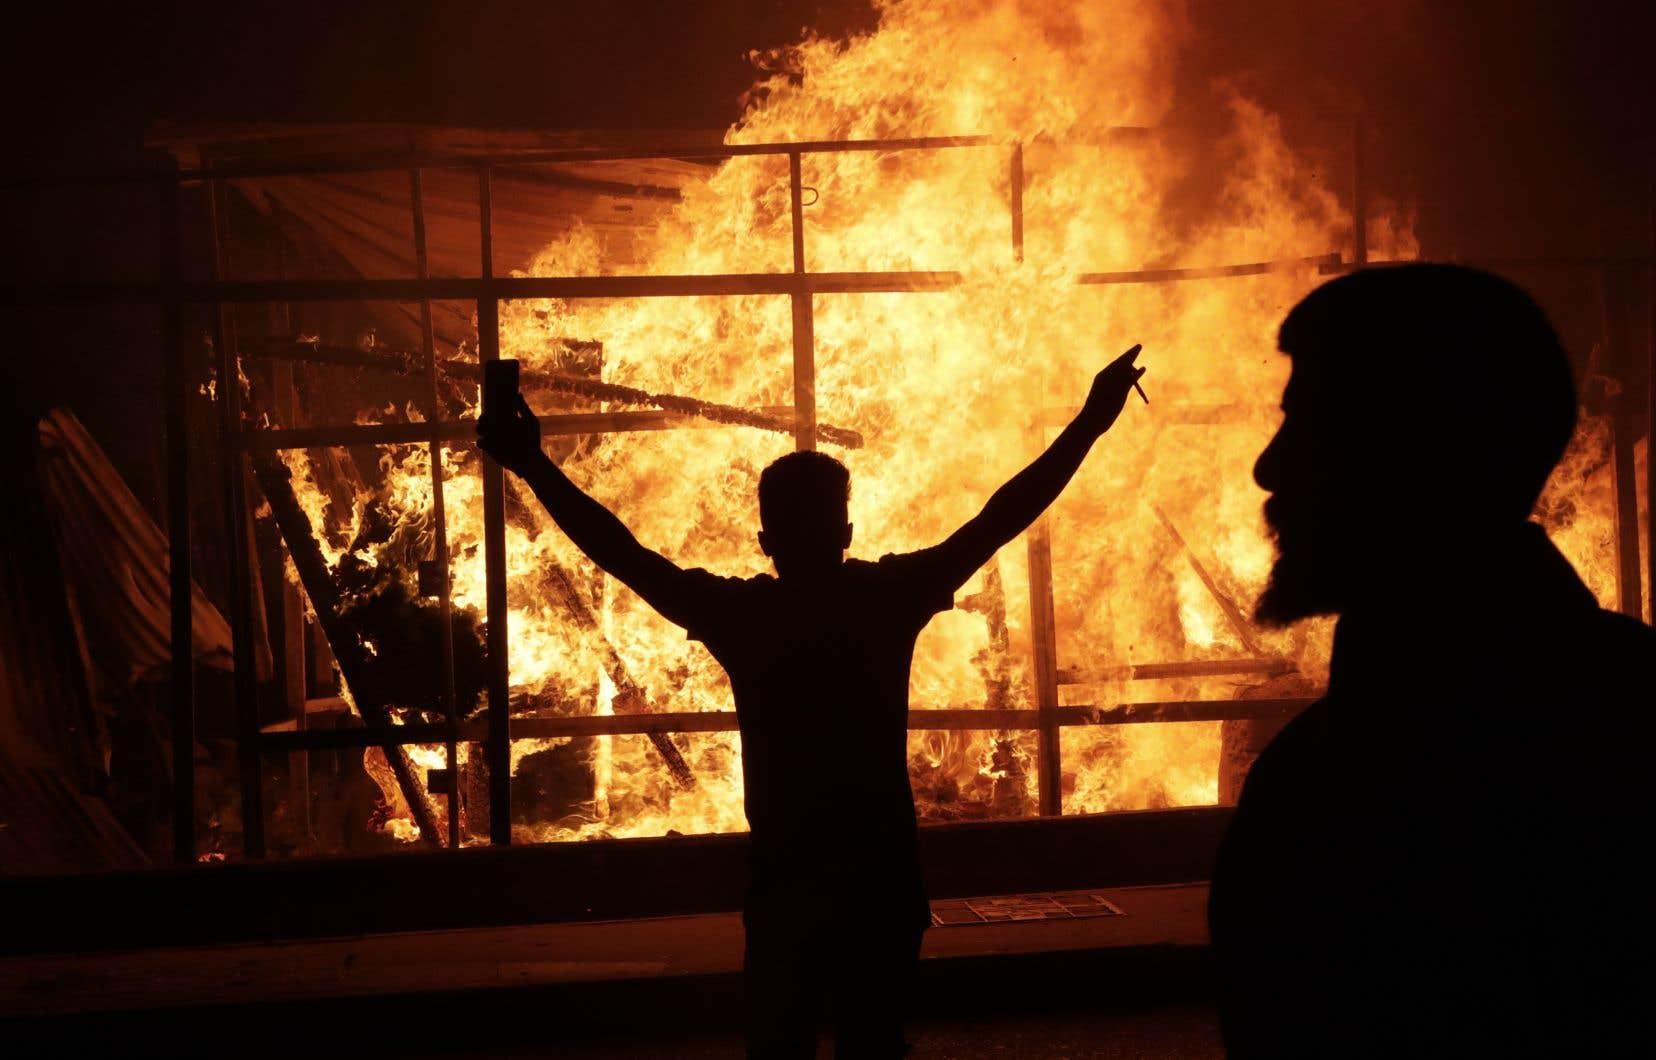 Dans la nuit de jeudi à vendredi, les Libanais sont descendus dans la rue, brûlant des pneus et bloquant des routes.